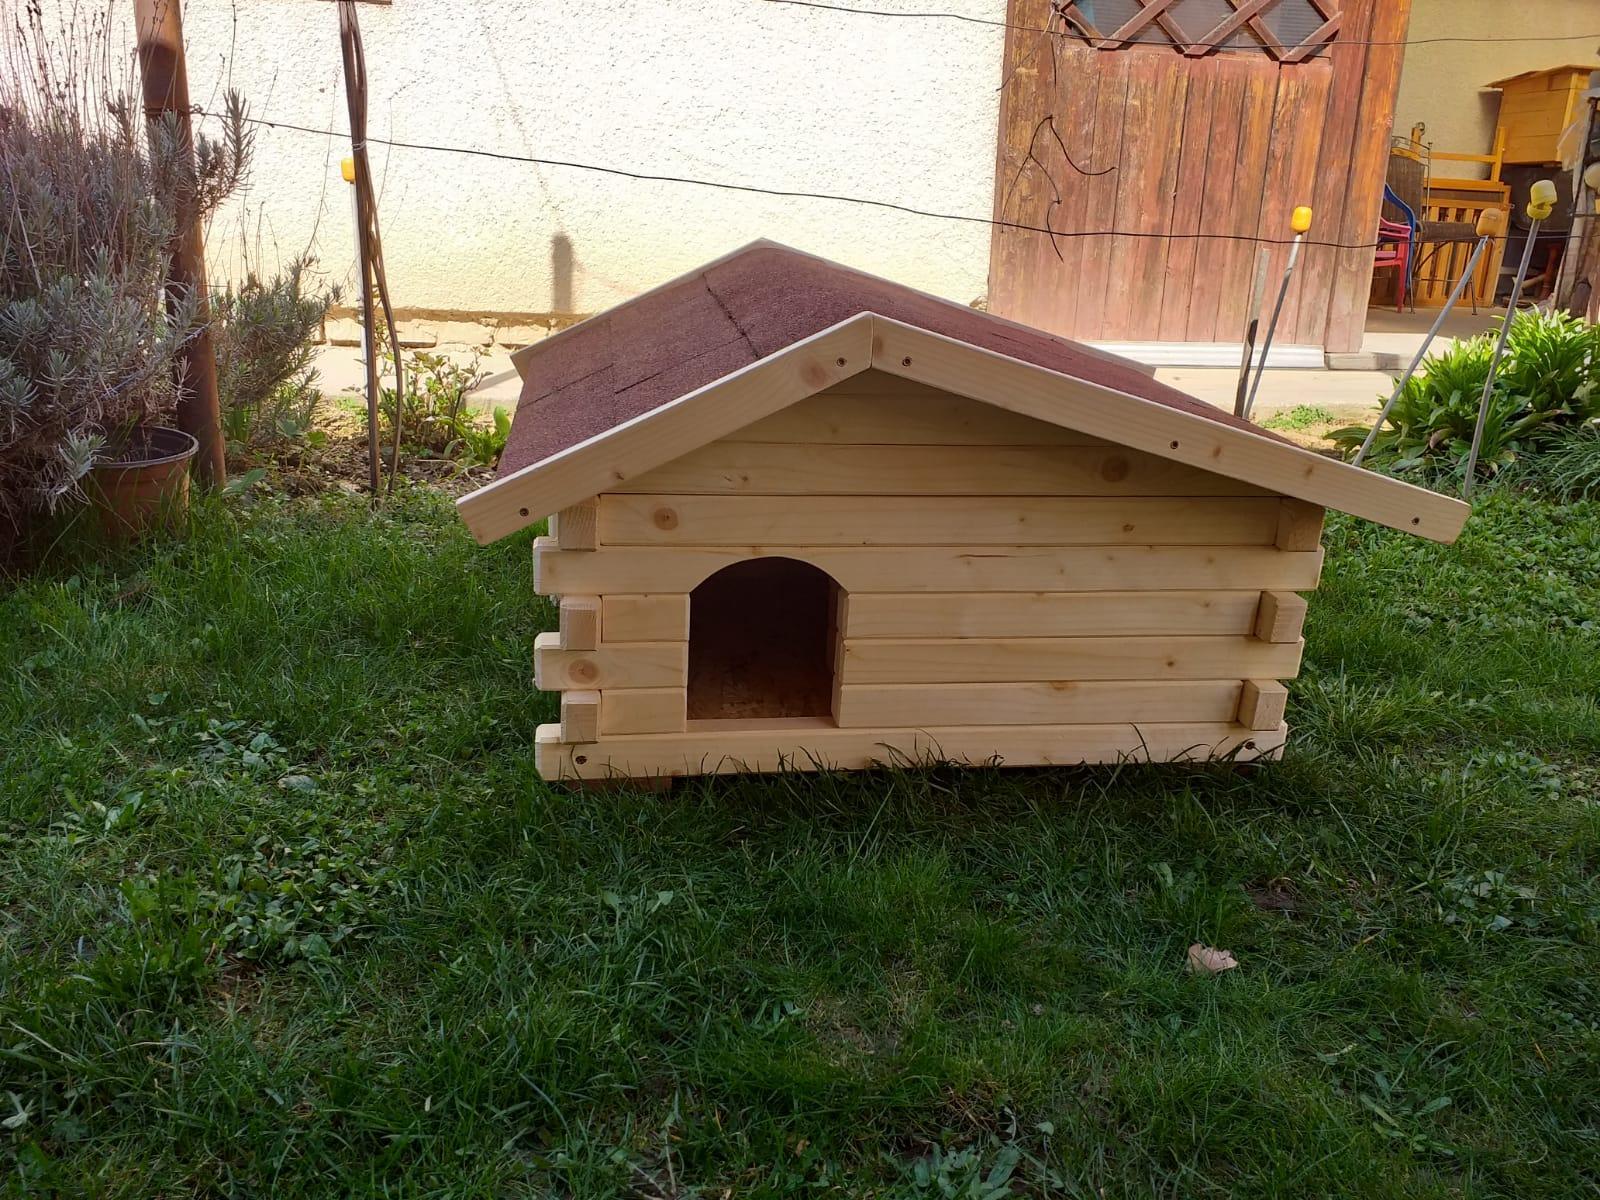 Domček pre malého psíka alebo mačku - Obrázok č. 1